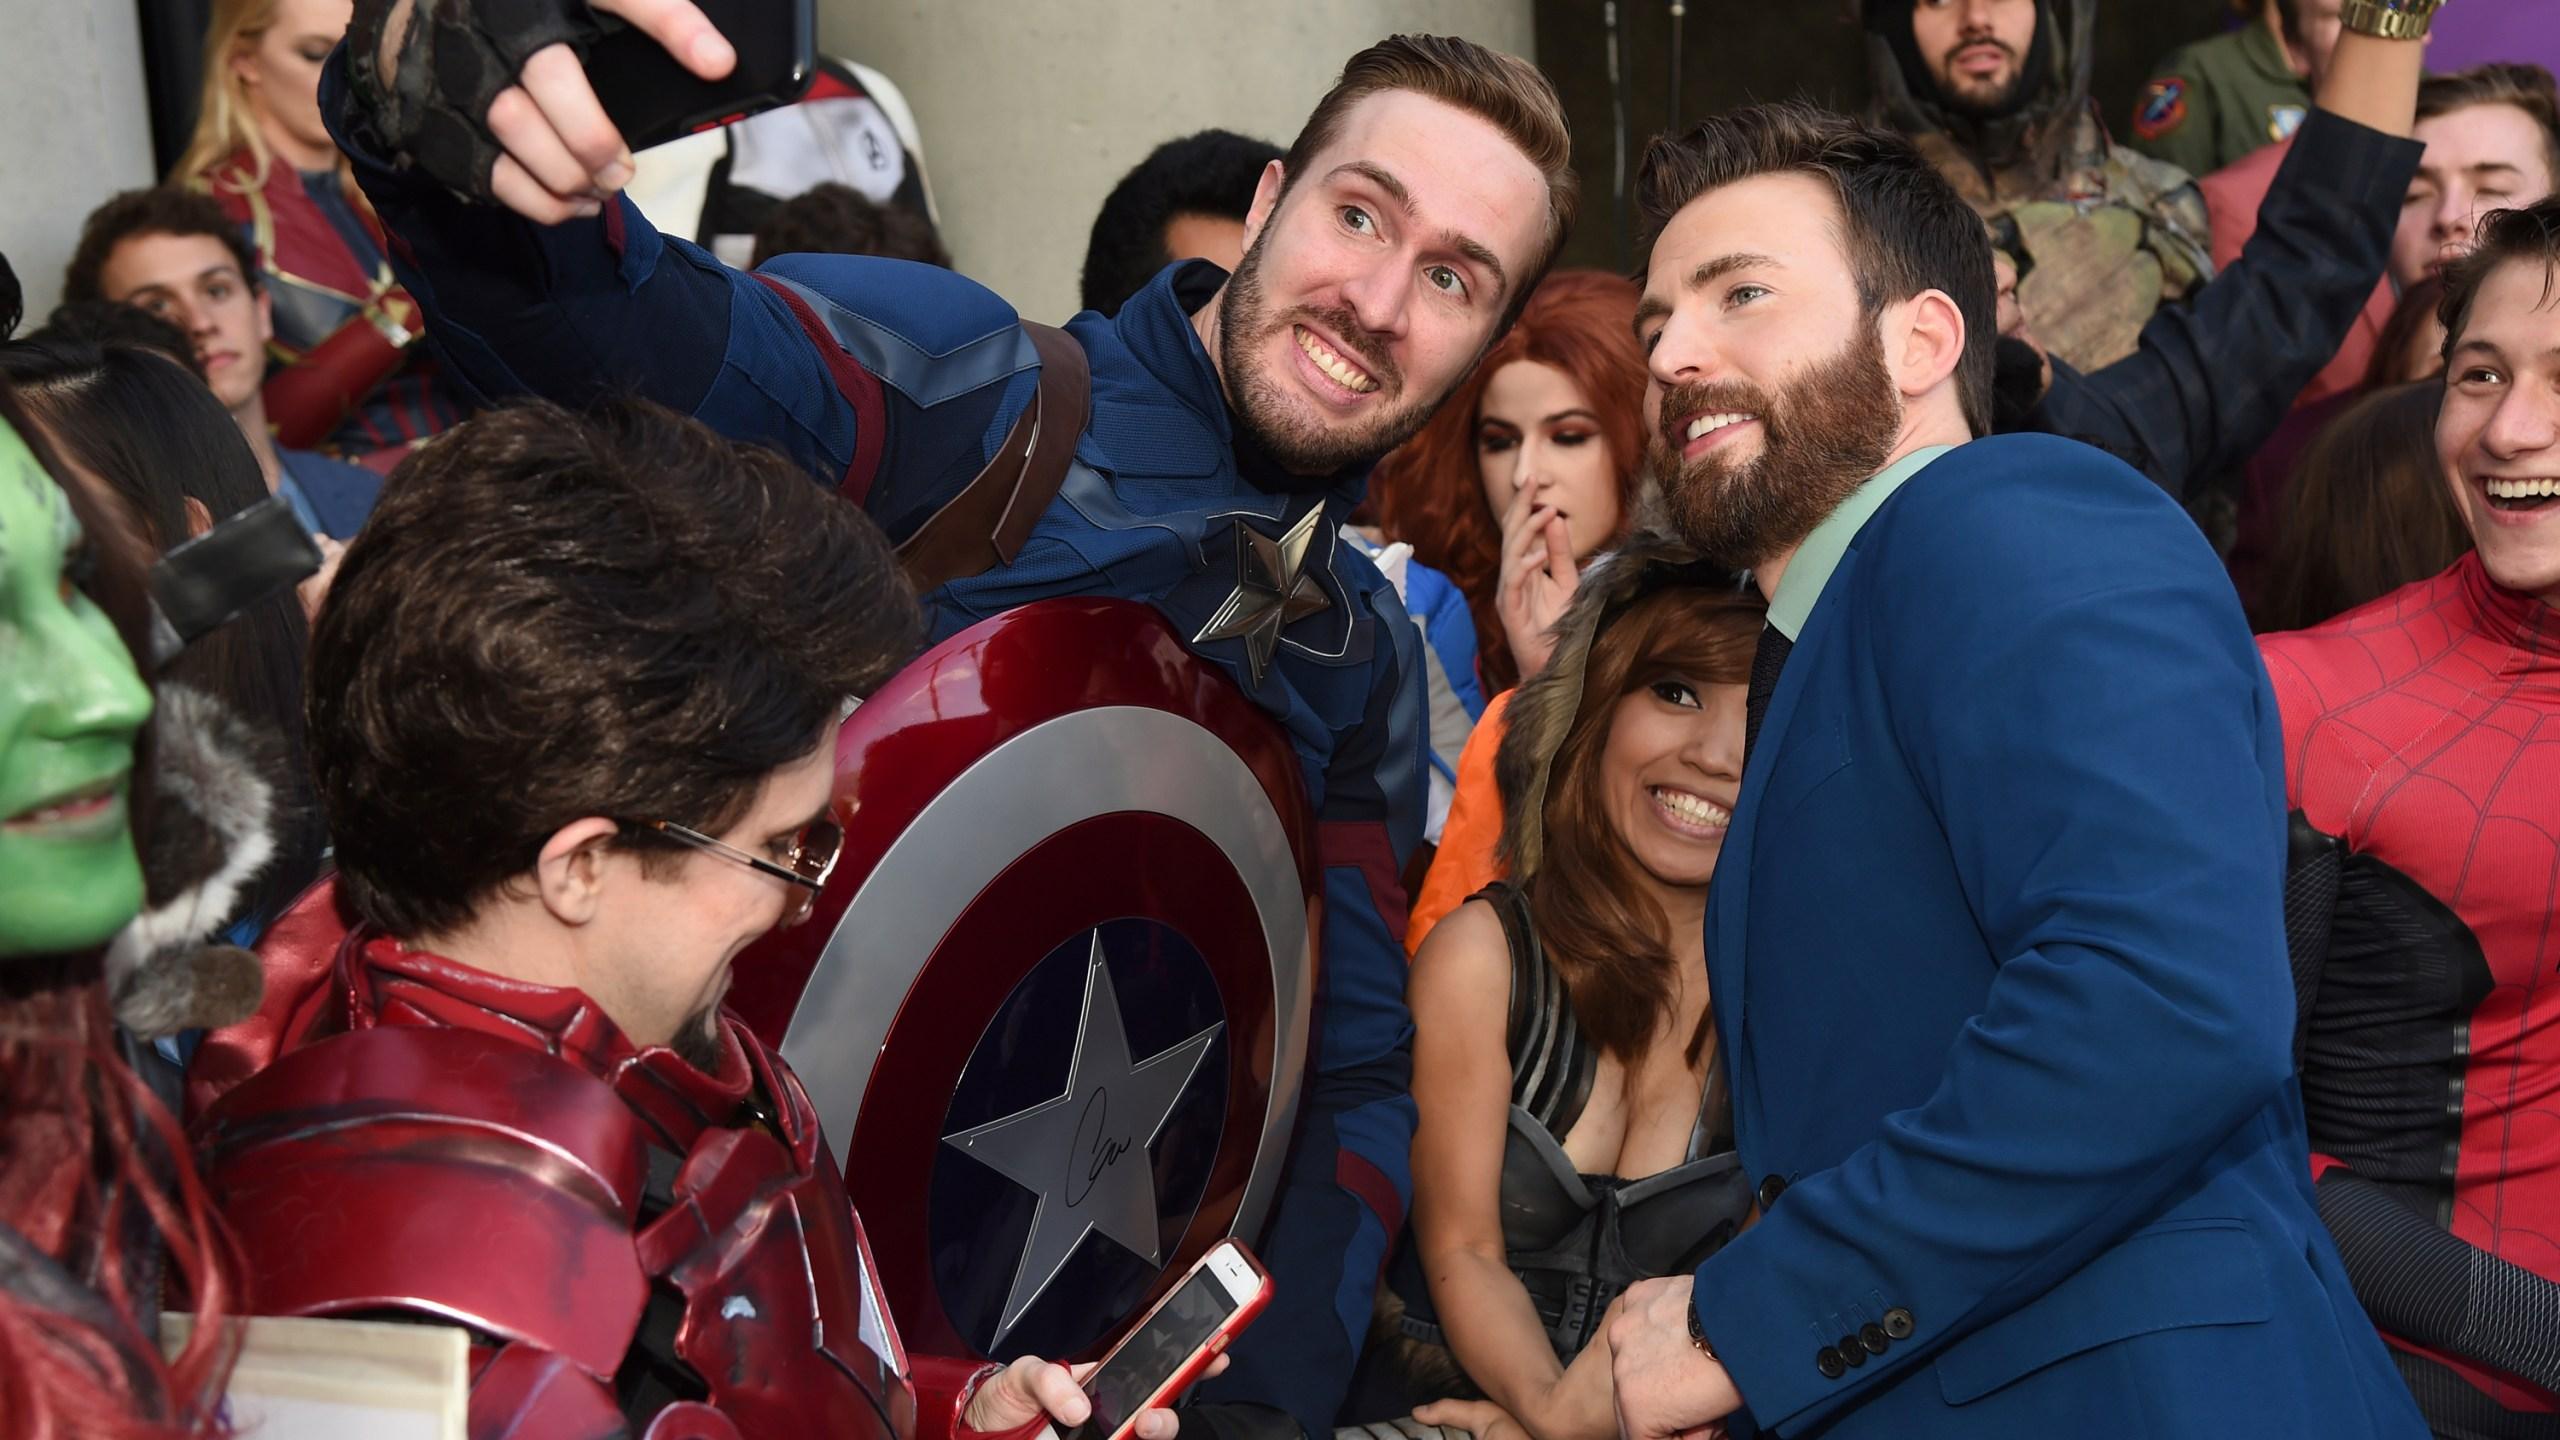 LA_Premiere_of__Avengers__Endgame__-_Red_Carpet_25150-159532.jpg63843107